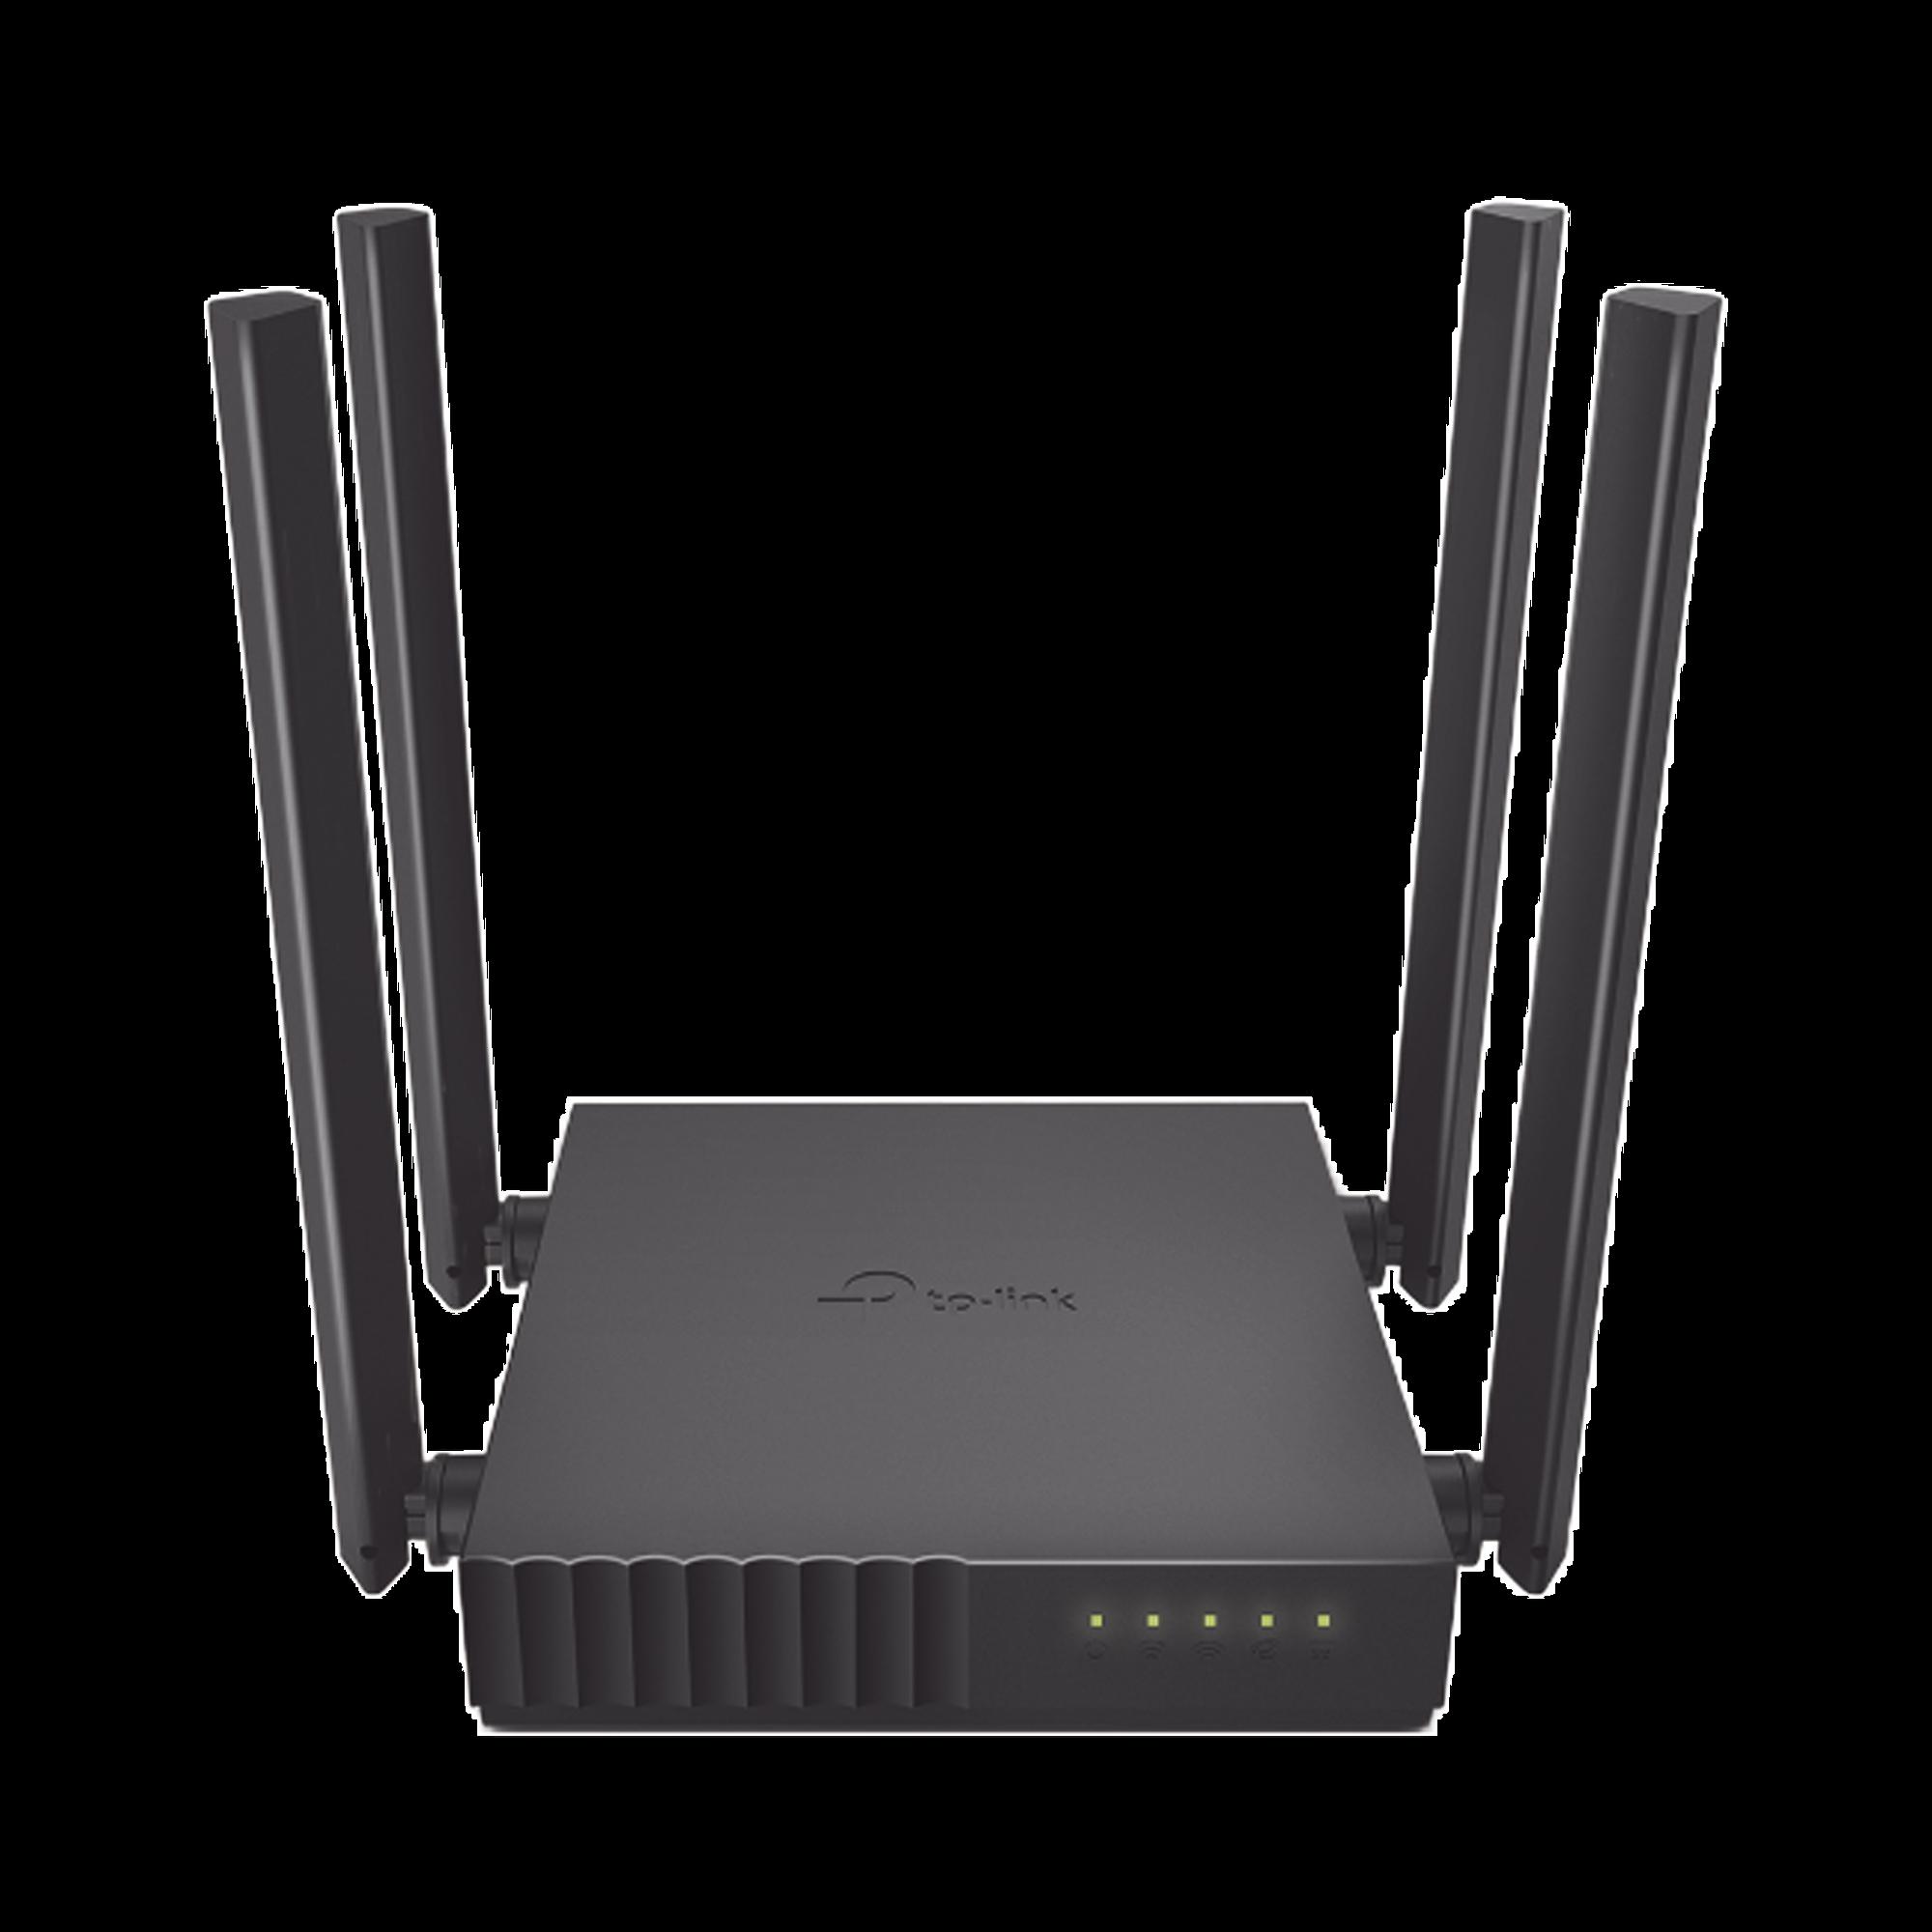 Router Inalámbrico doble banda AC, 2.4 GHz y 5 GHz Hasta 1200 Mbps, 4 antenas externas omnidireccional, 4 Puertos LAN 10/100 Mbps, 1 Puerto WAN 10/100 Mbps, Versión 6